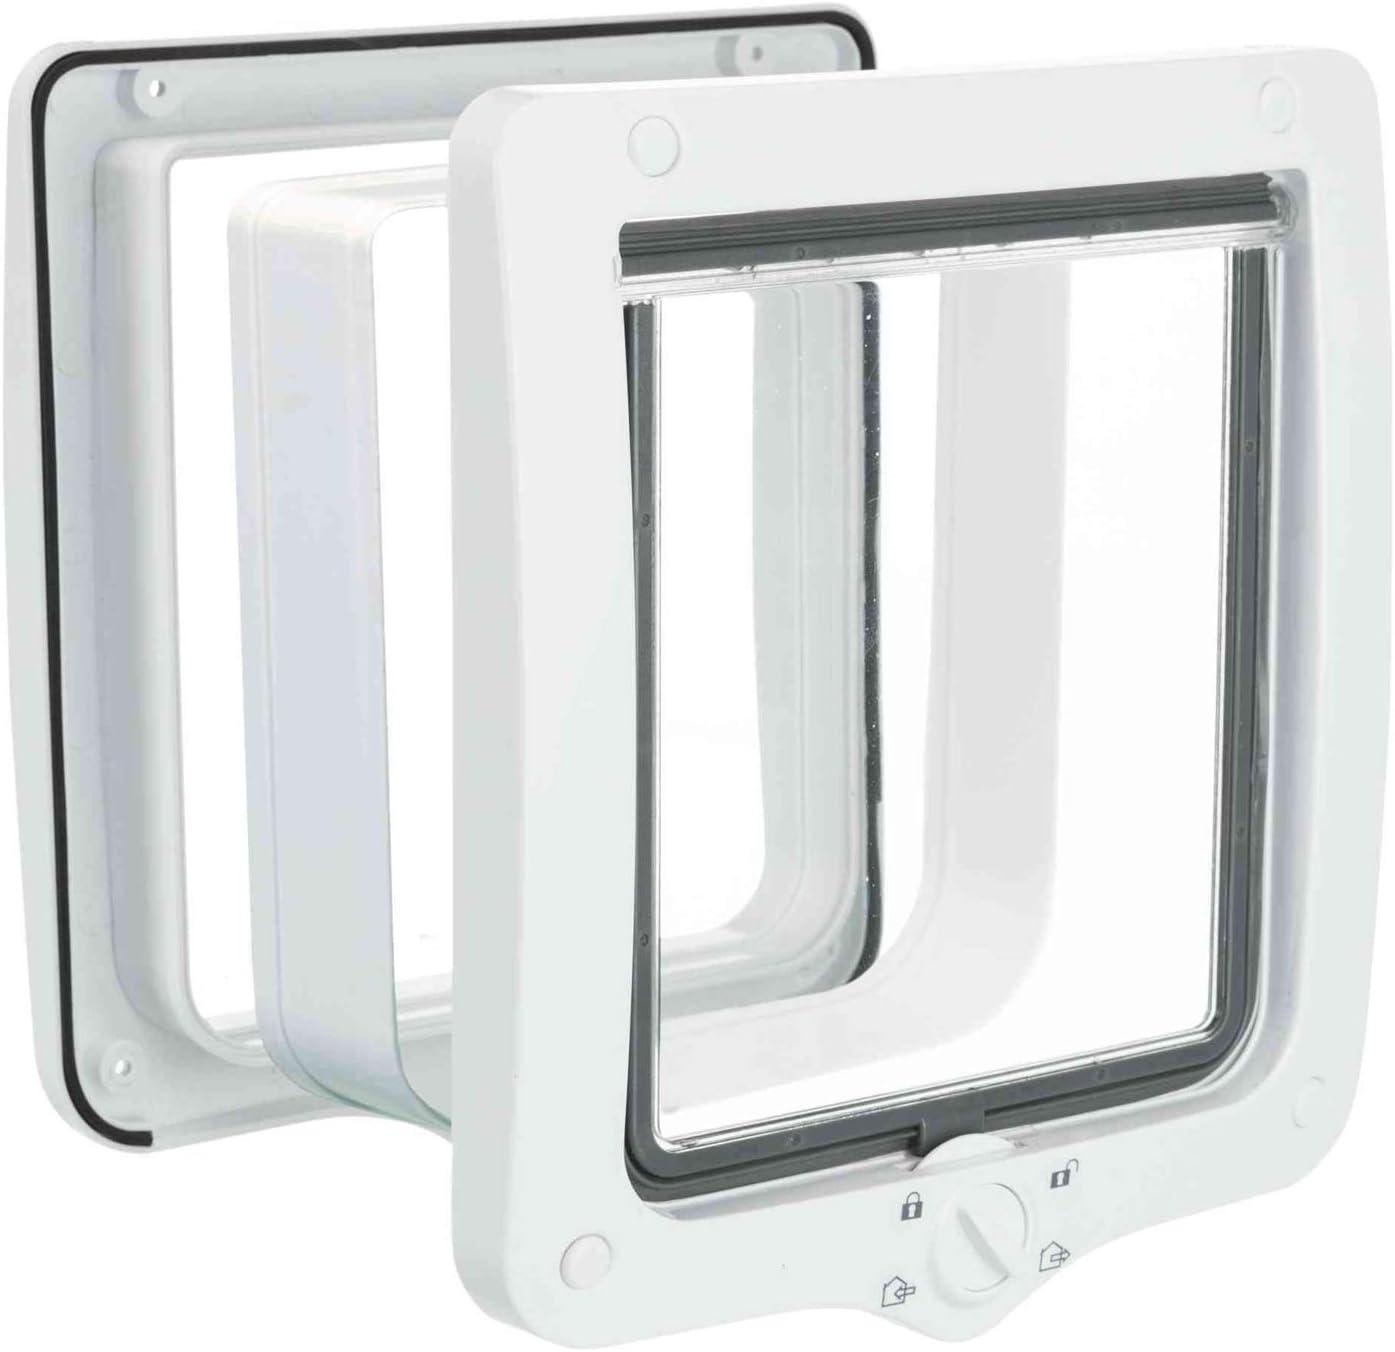 Trixie 4-Way Trampilla para gatos con túnel, blanco, 660 g, 24 × 28 cm